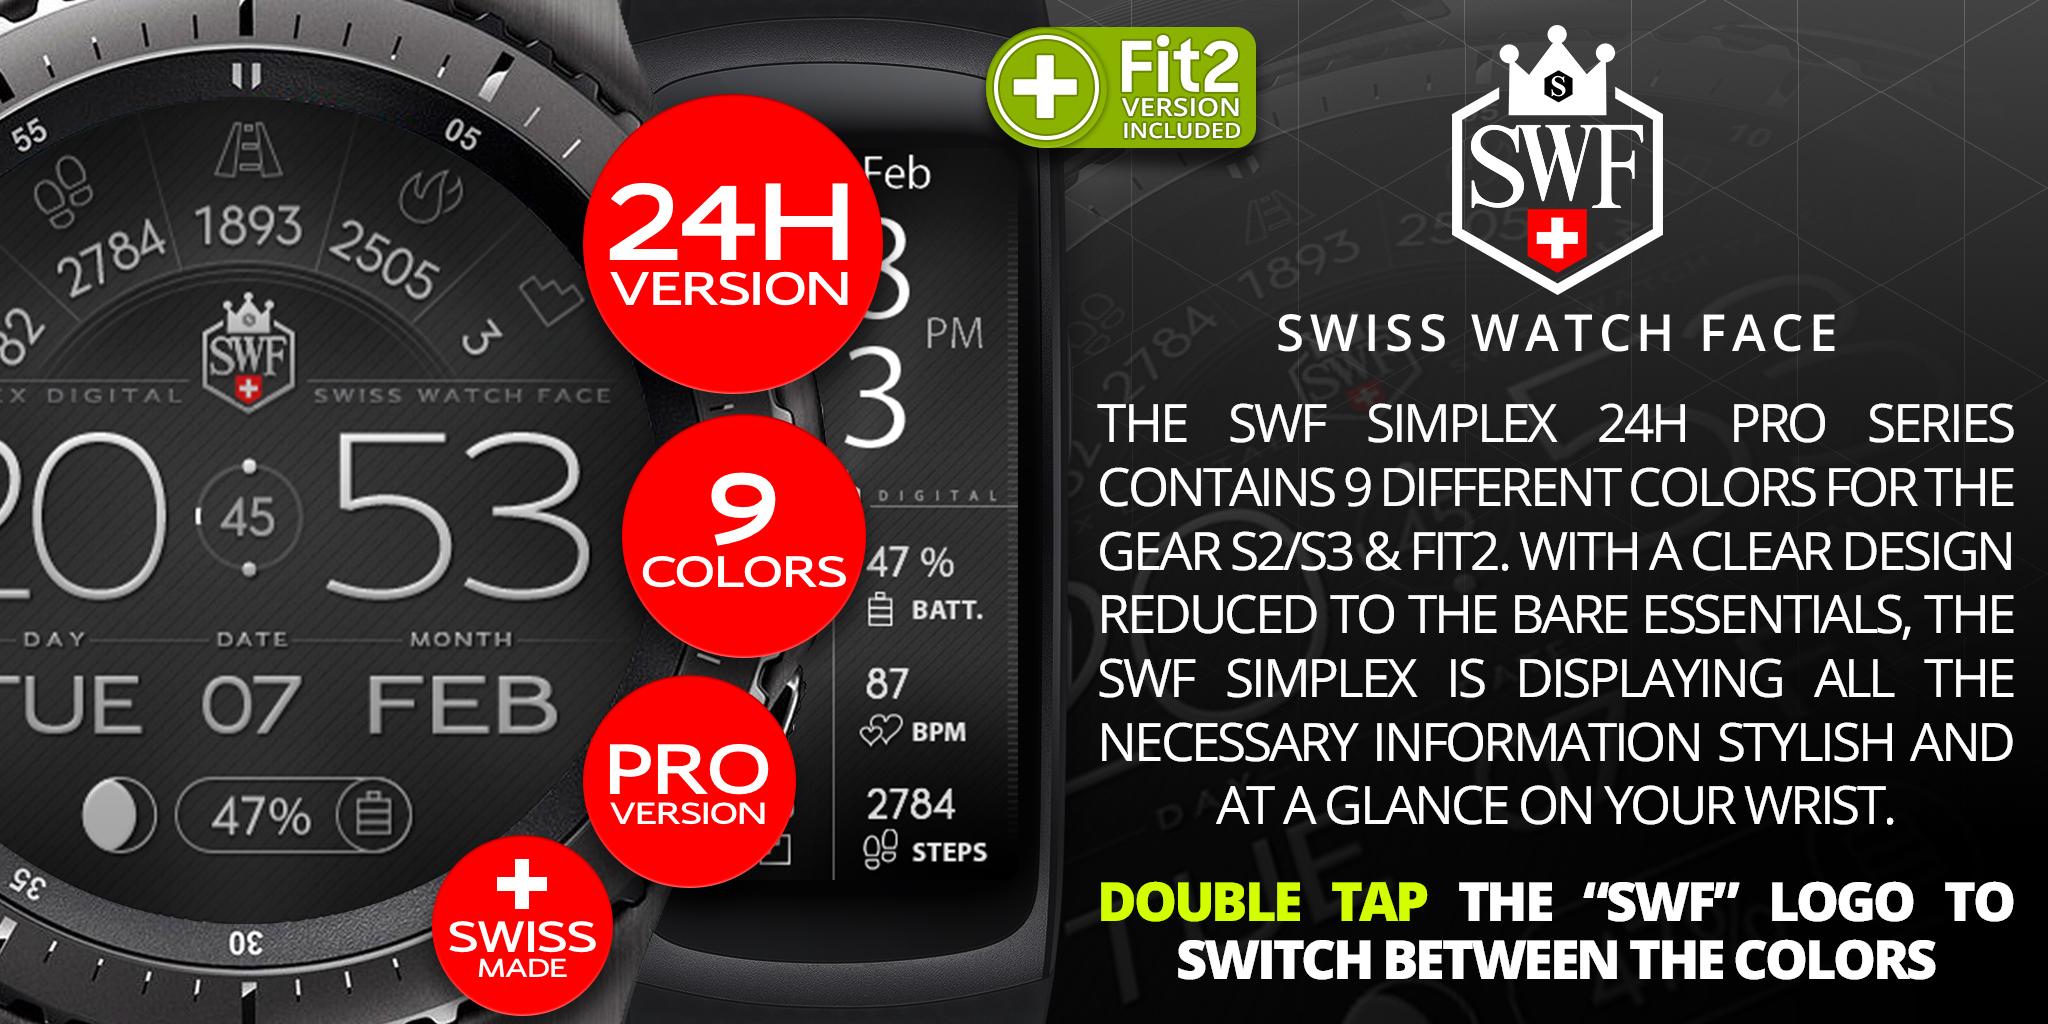 Simplex Series - Watch Face | SWF Swiss Watch Face